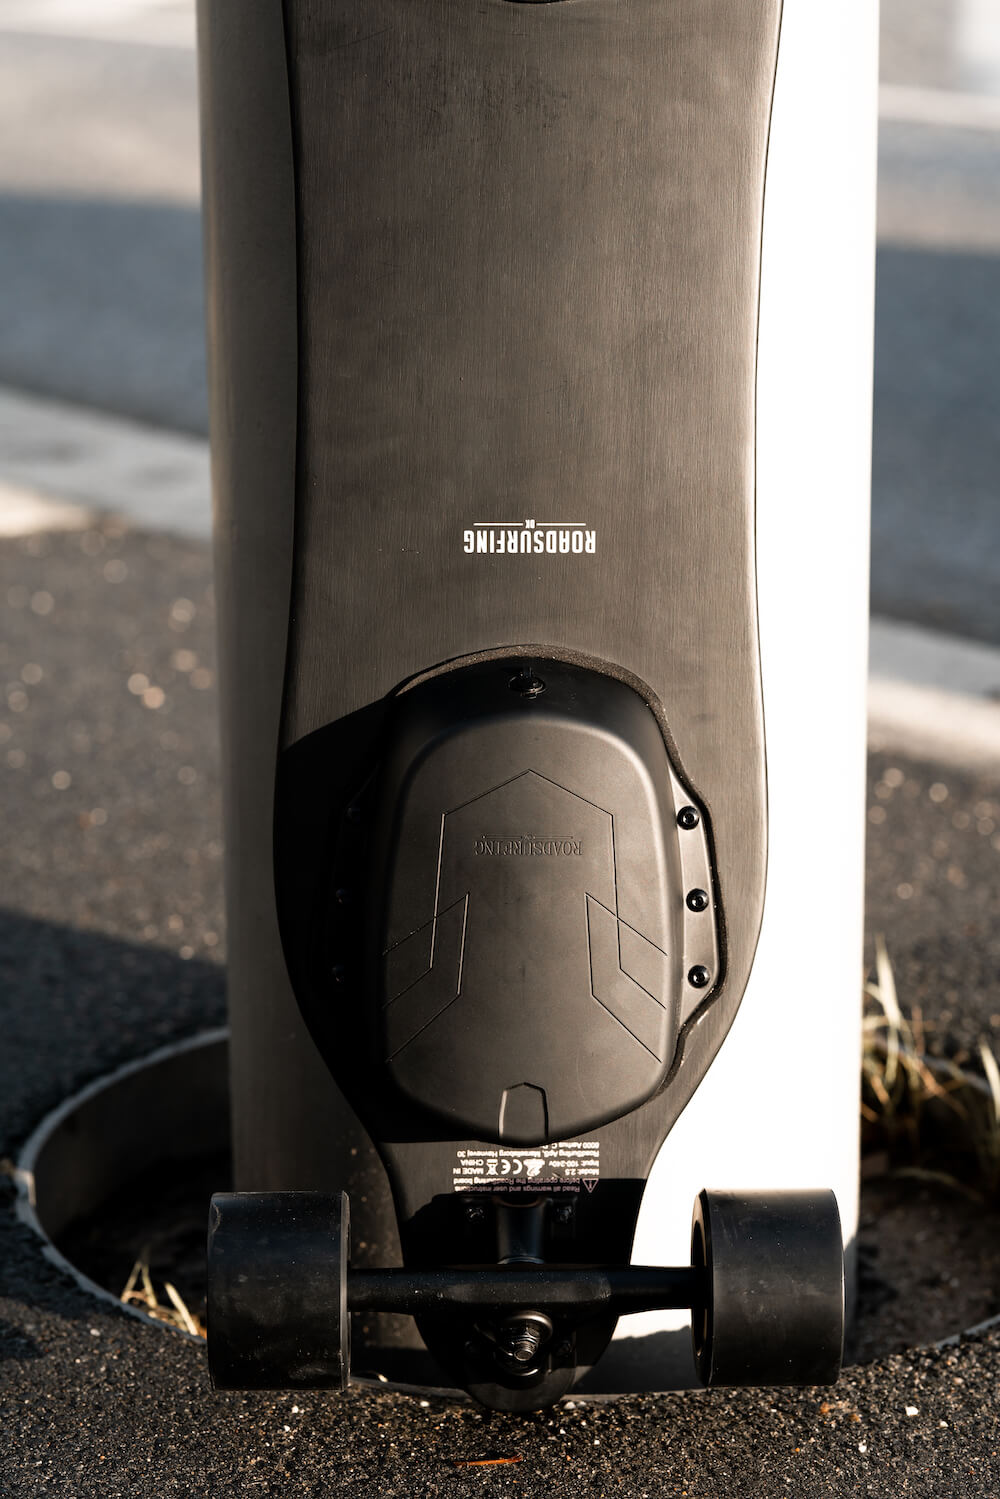 RoadSurfing elektrisk skateboard electric longboard el board eboard eskate meepo backfire wowgo dansk danmark produceret producent dk boosted board